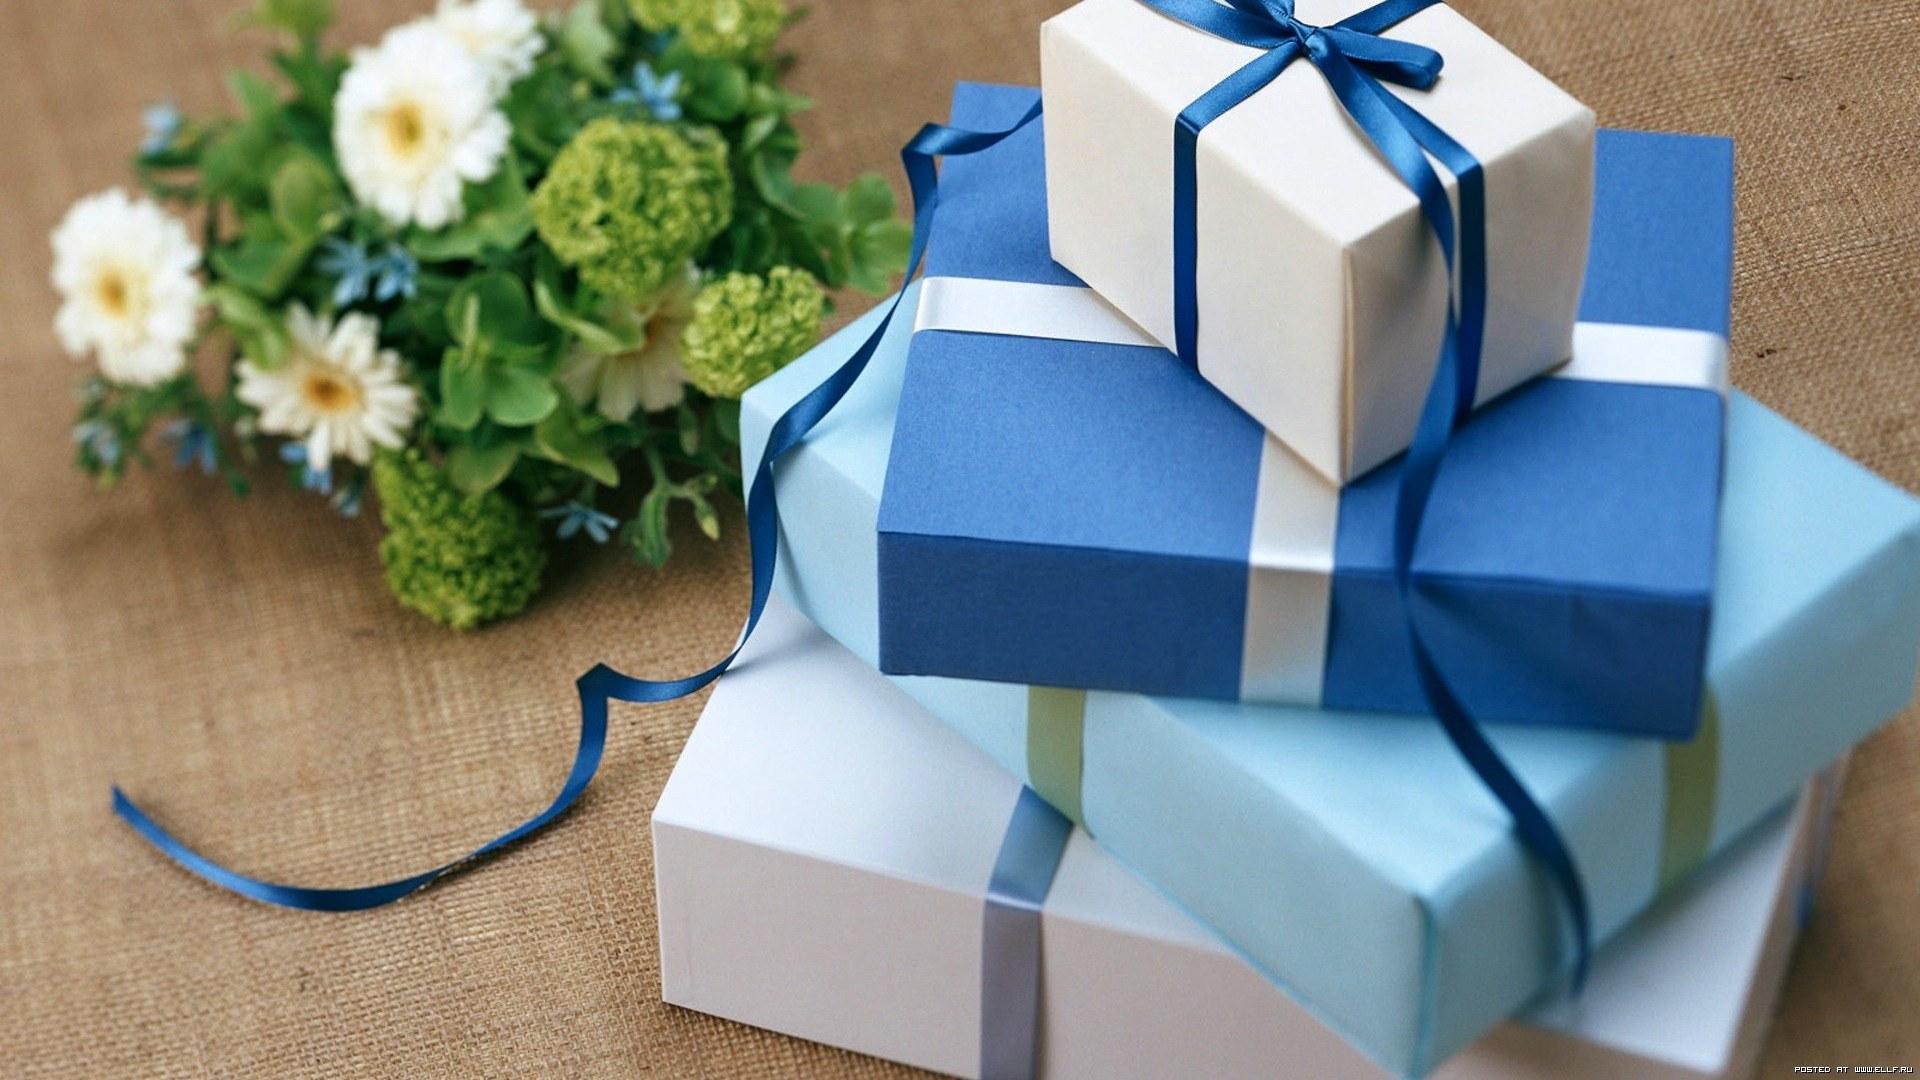 подарки на день рождения.jpg